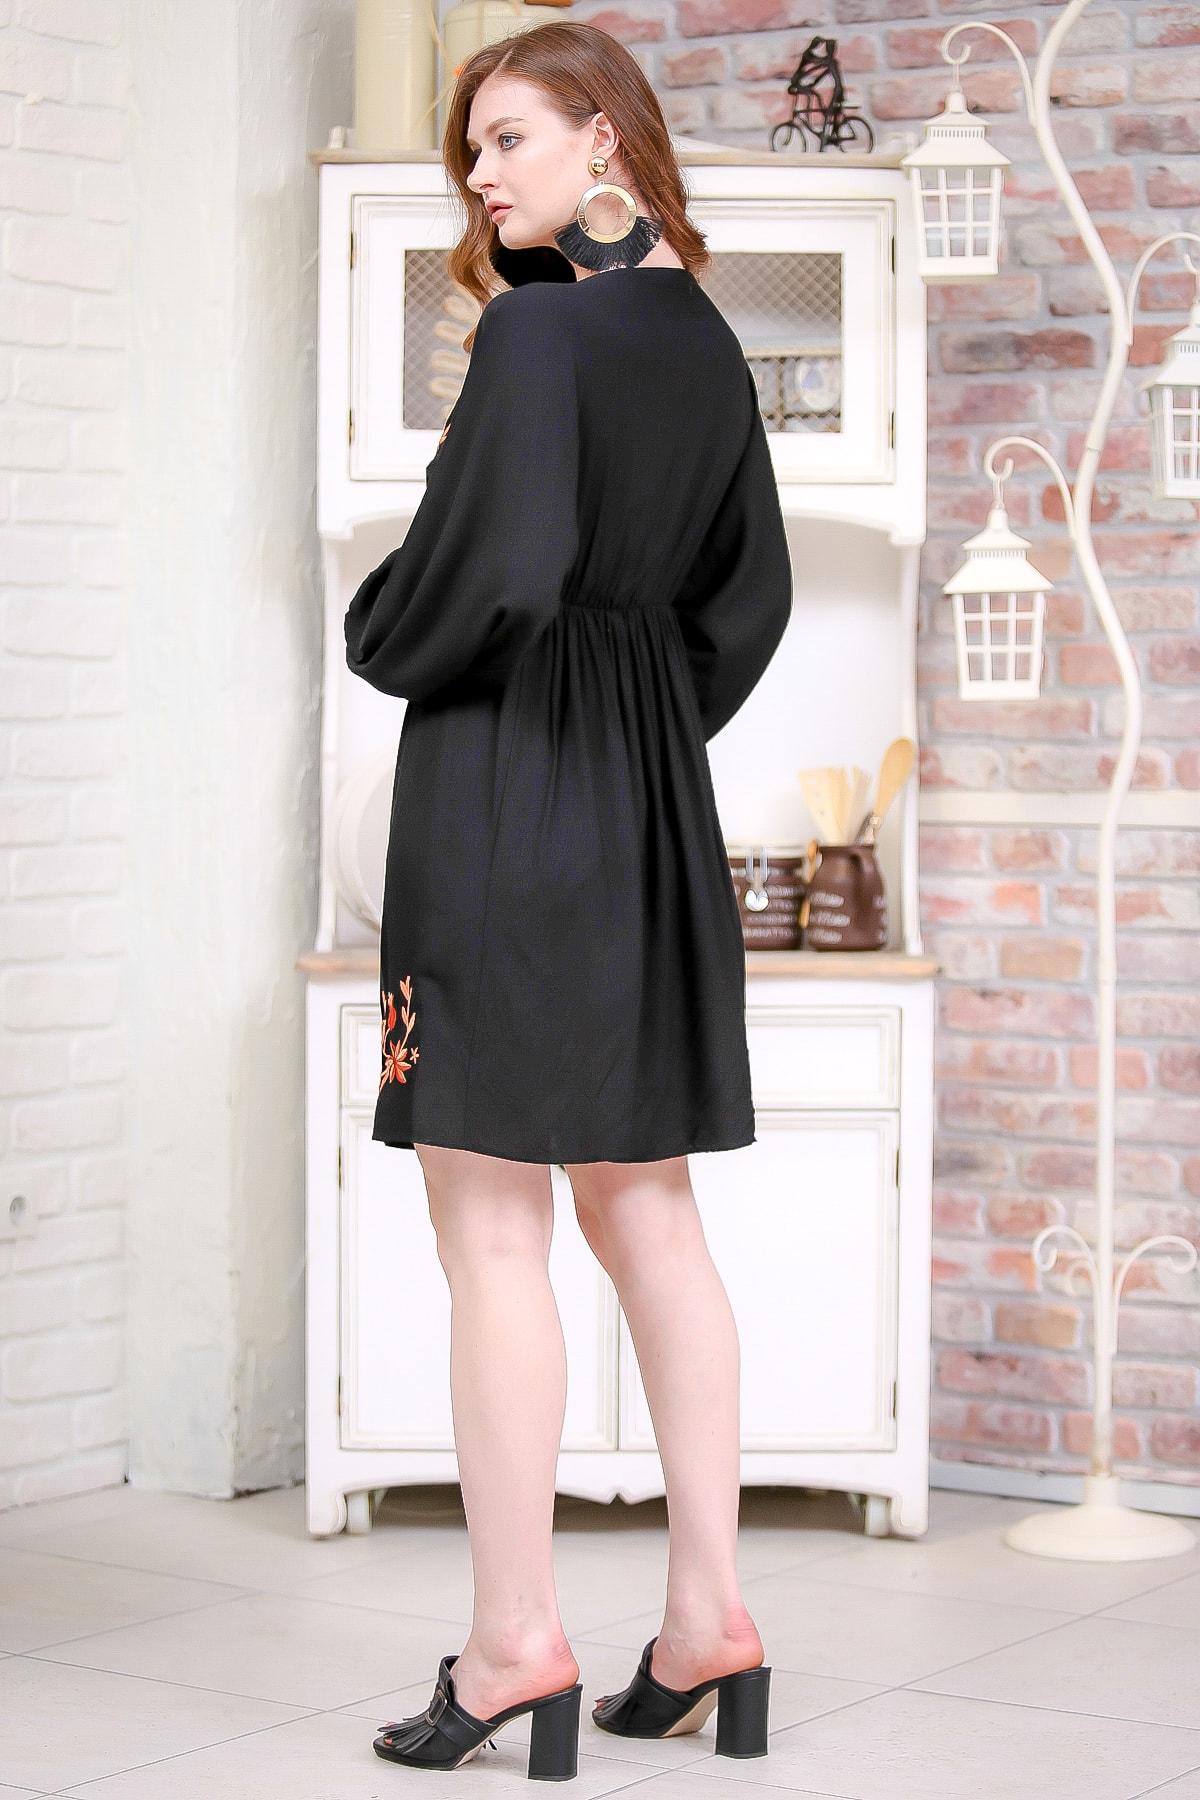 Chiccy Kadın Siyah Retro Çiçek Nakış Detaylı Balon Kol Dokuma Astarlı Elbise  M10160000EL97273 3